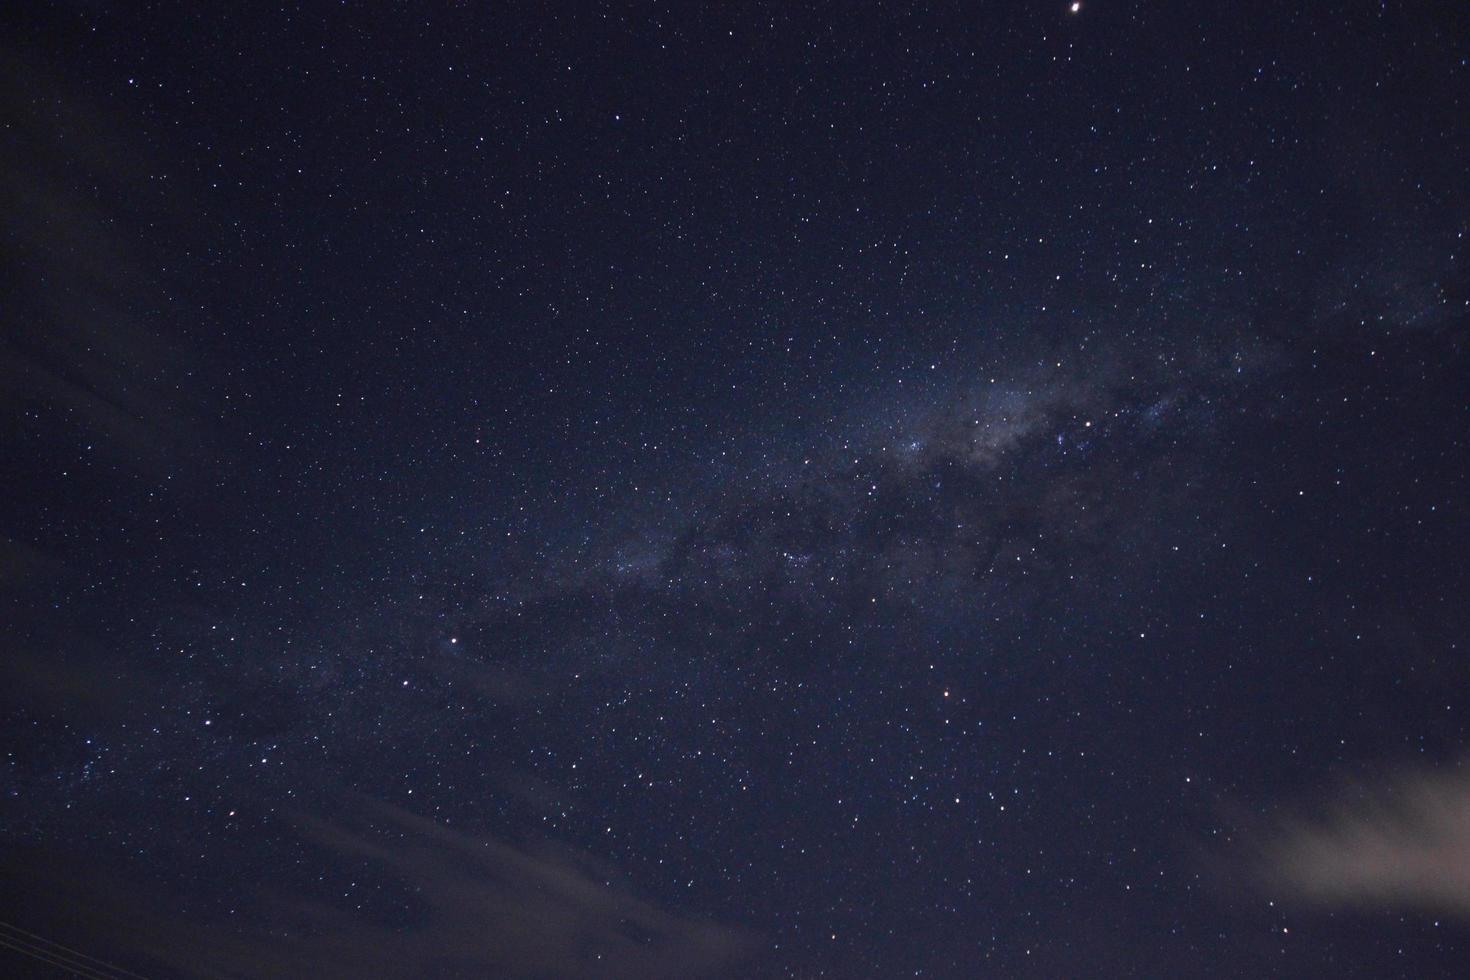 cielo notturno stellato foto